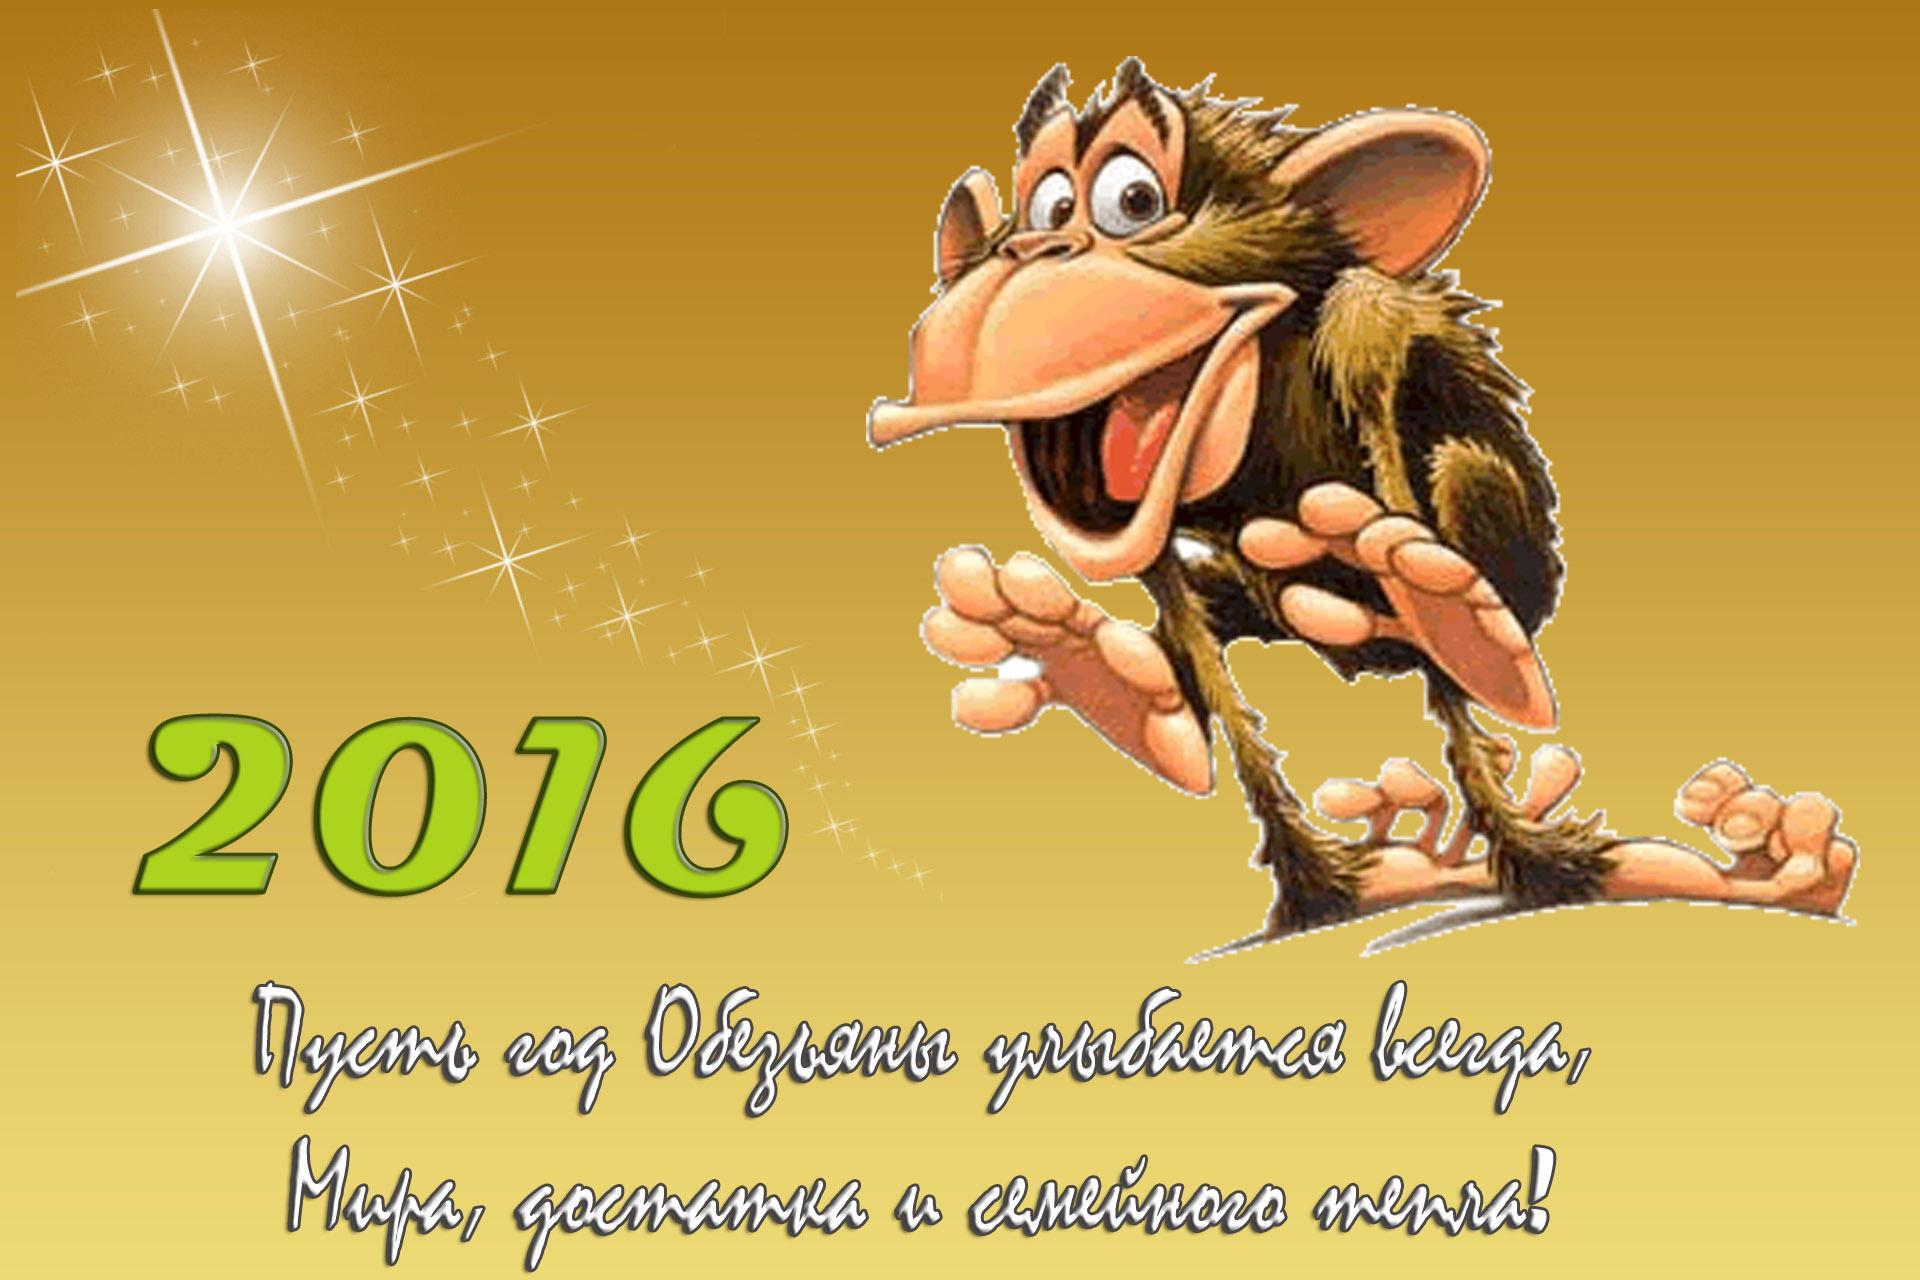 Короткое поздравление с наступающим 2016 годом